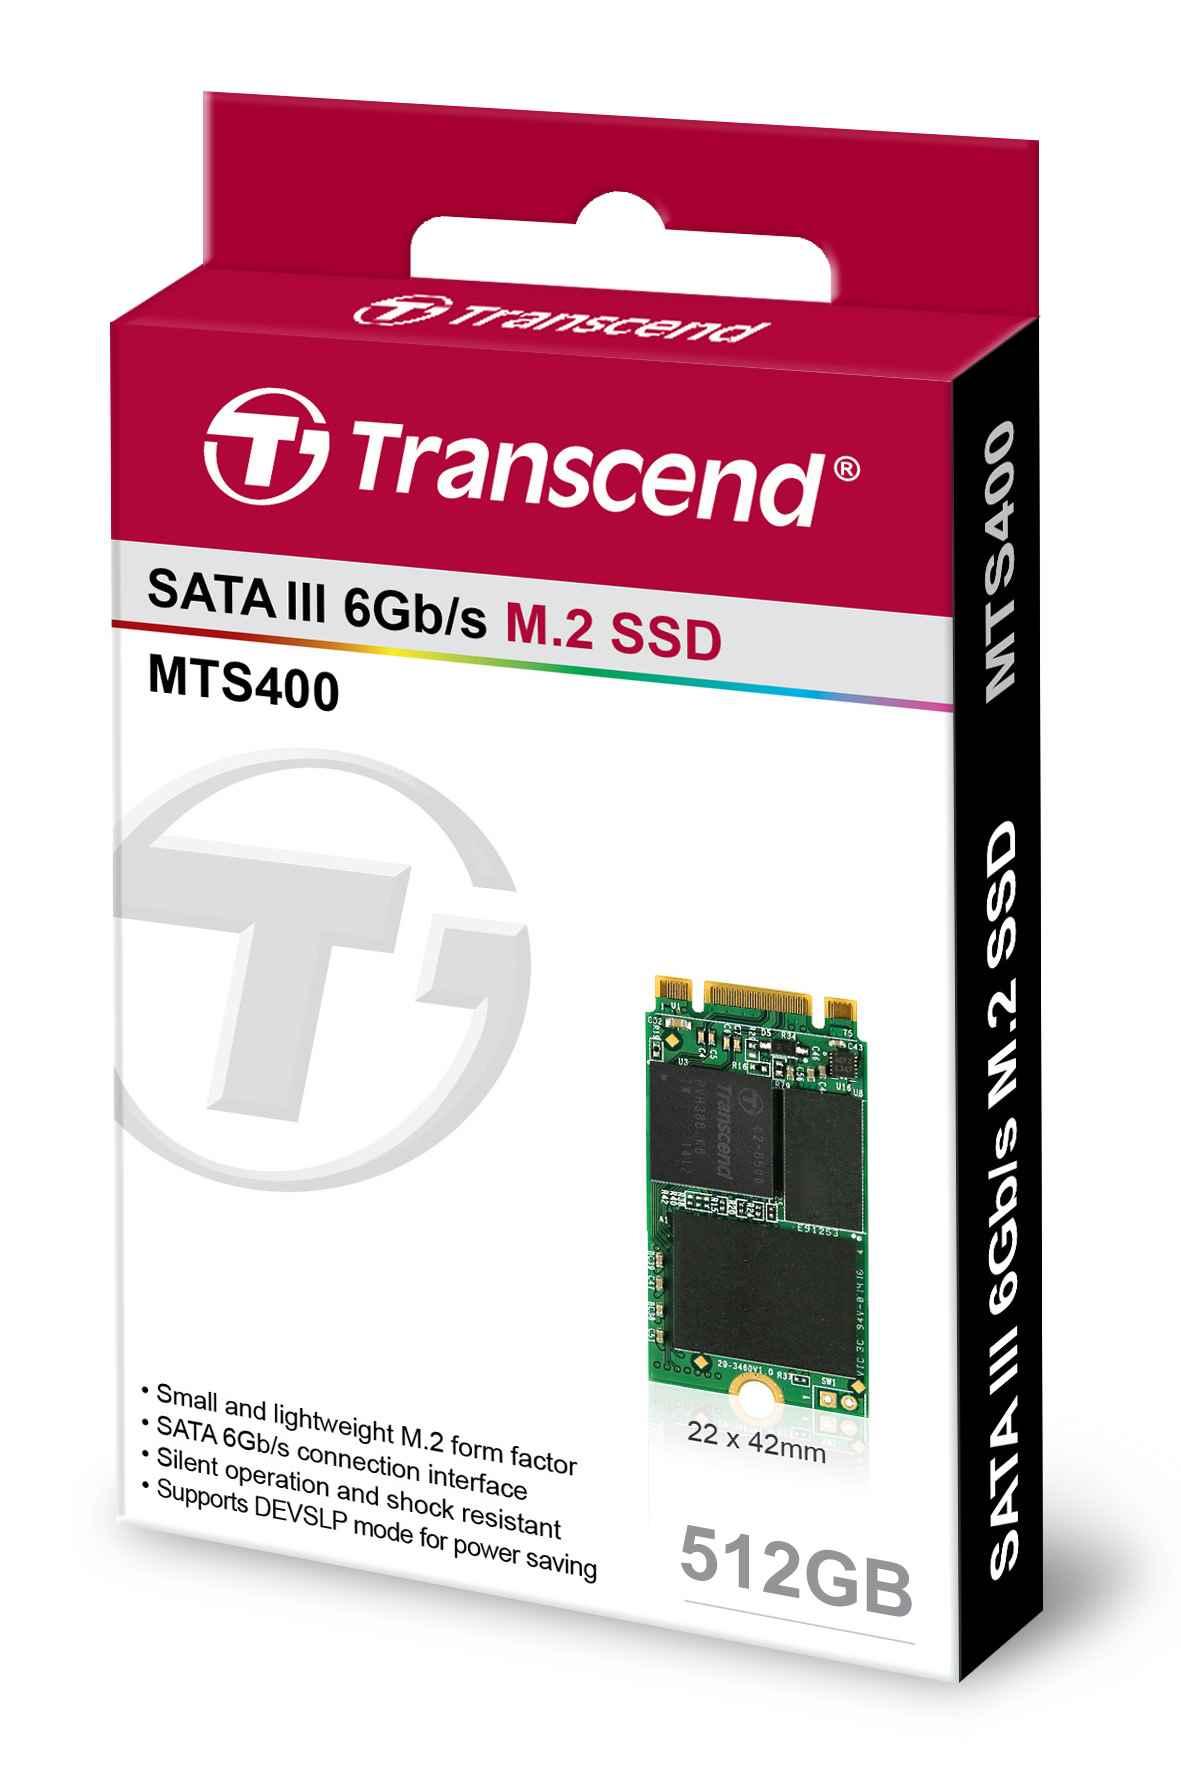 TRANSCEND Industrial SSD MTS400 512GB, M.2 2242, SATA III 6Gb/s, MLC (TS512GMTS400)